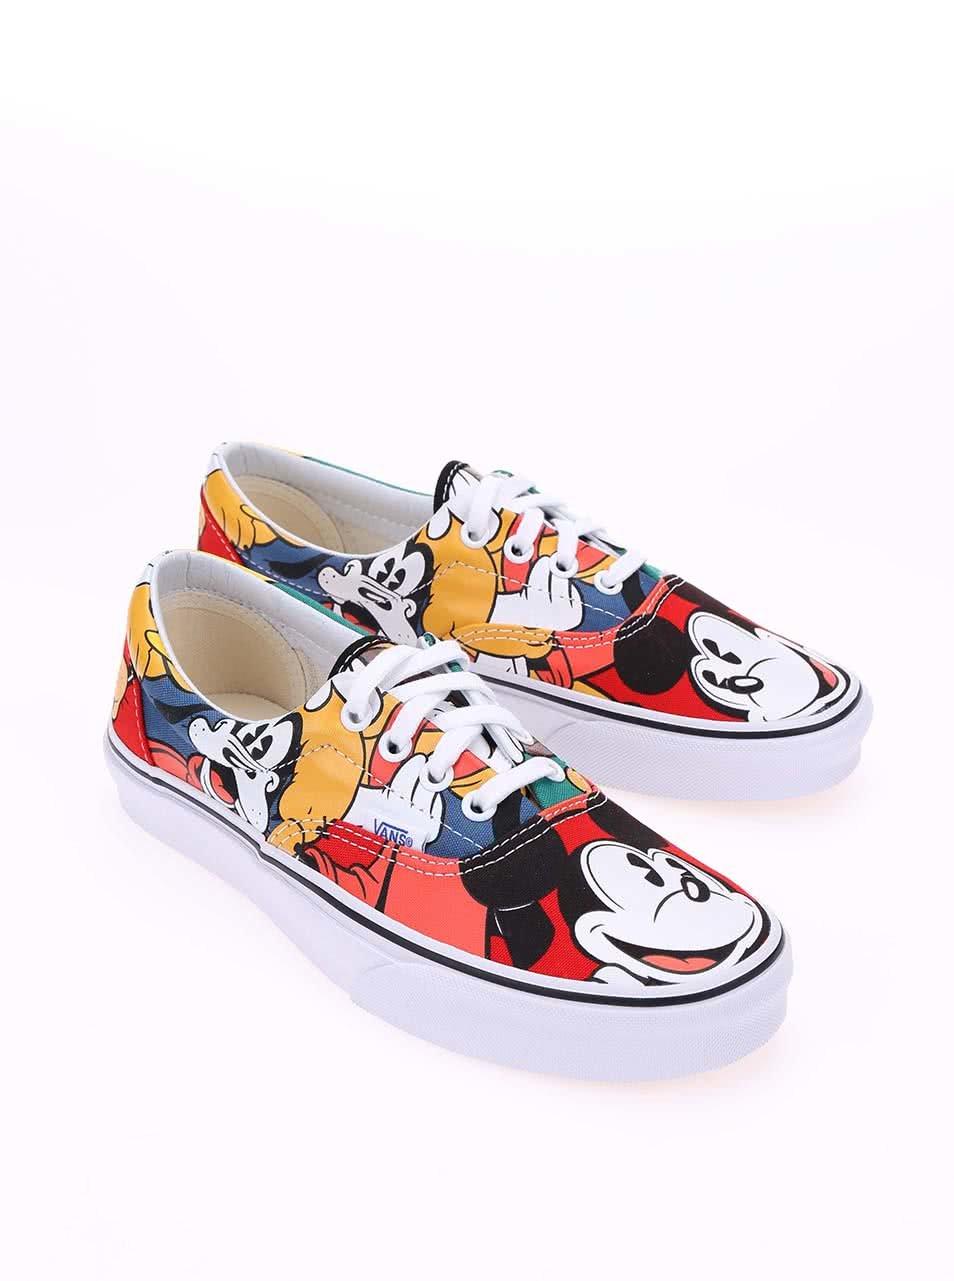 7ae0ea8af99 Barevné dámské tenisky s Disney postavičkami Vans Disney Era ...